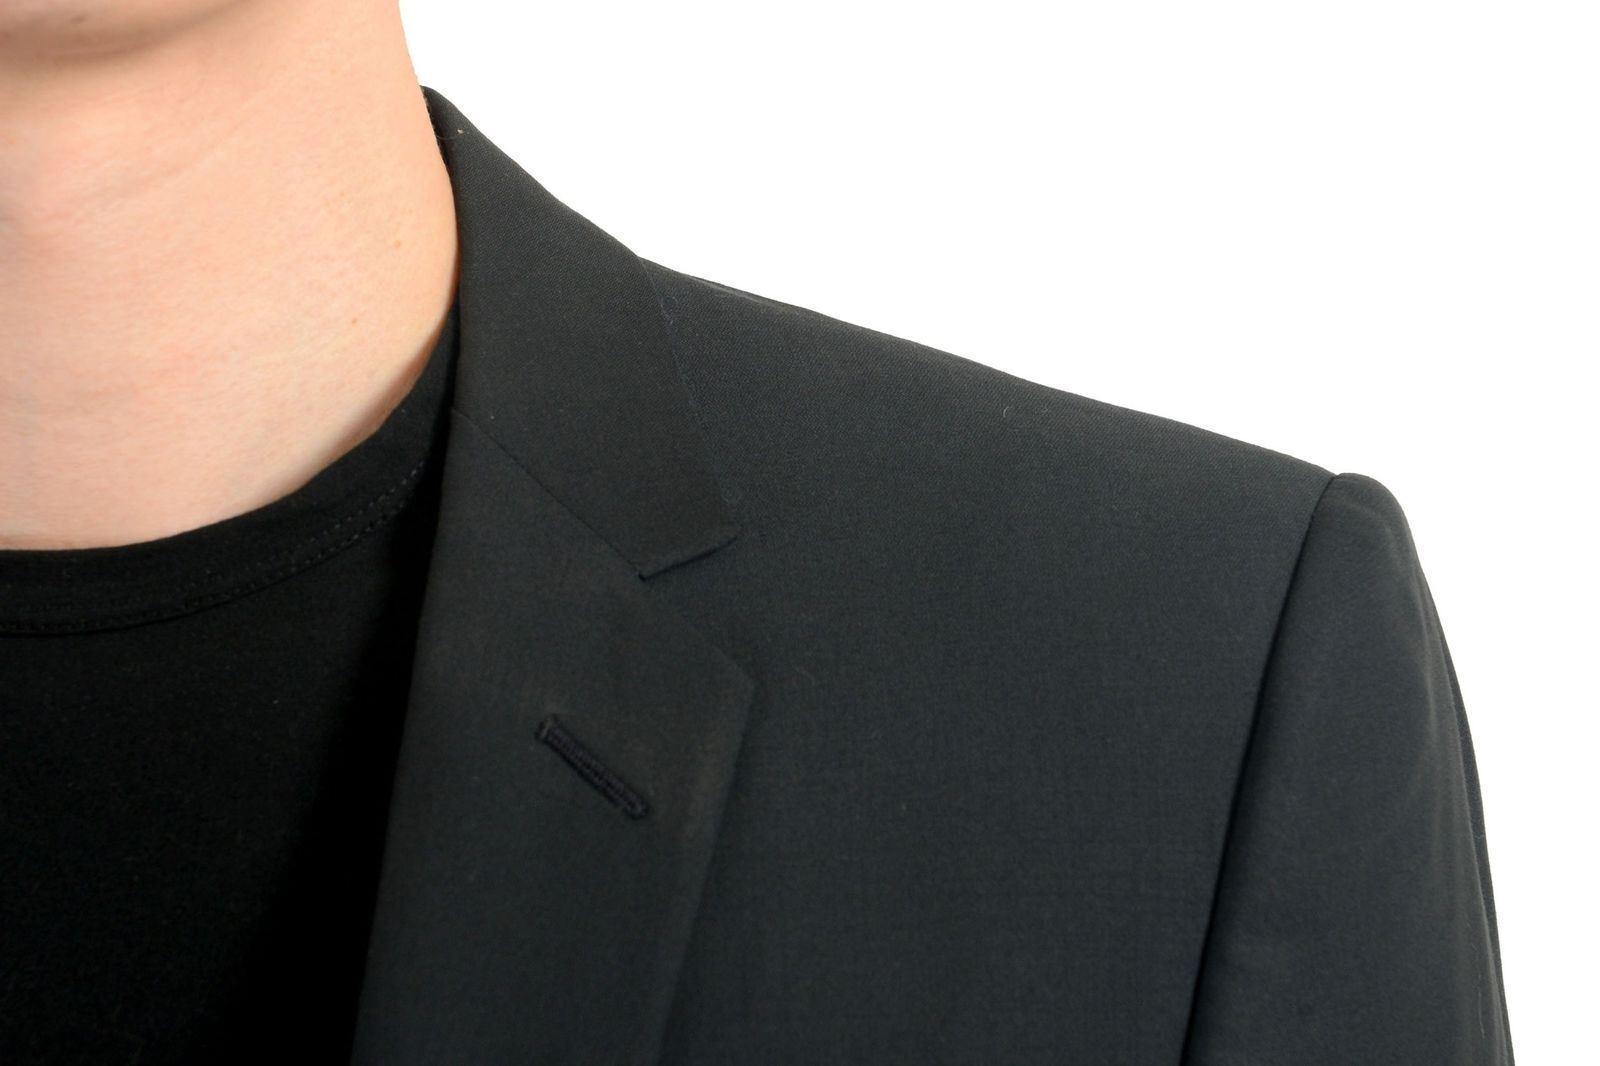 Gianni Versace Herren Herren Herren 100% Wolle Zwei Knopf Schwarzer Blazer Sport Mantel Us  | Feinbearbeitung  | König der Quantität  | Discount  98a960